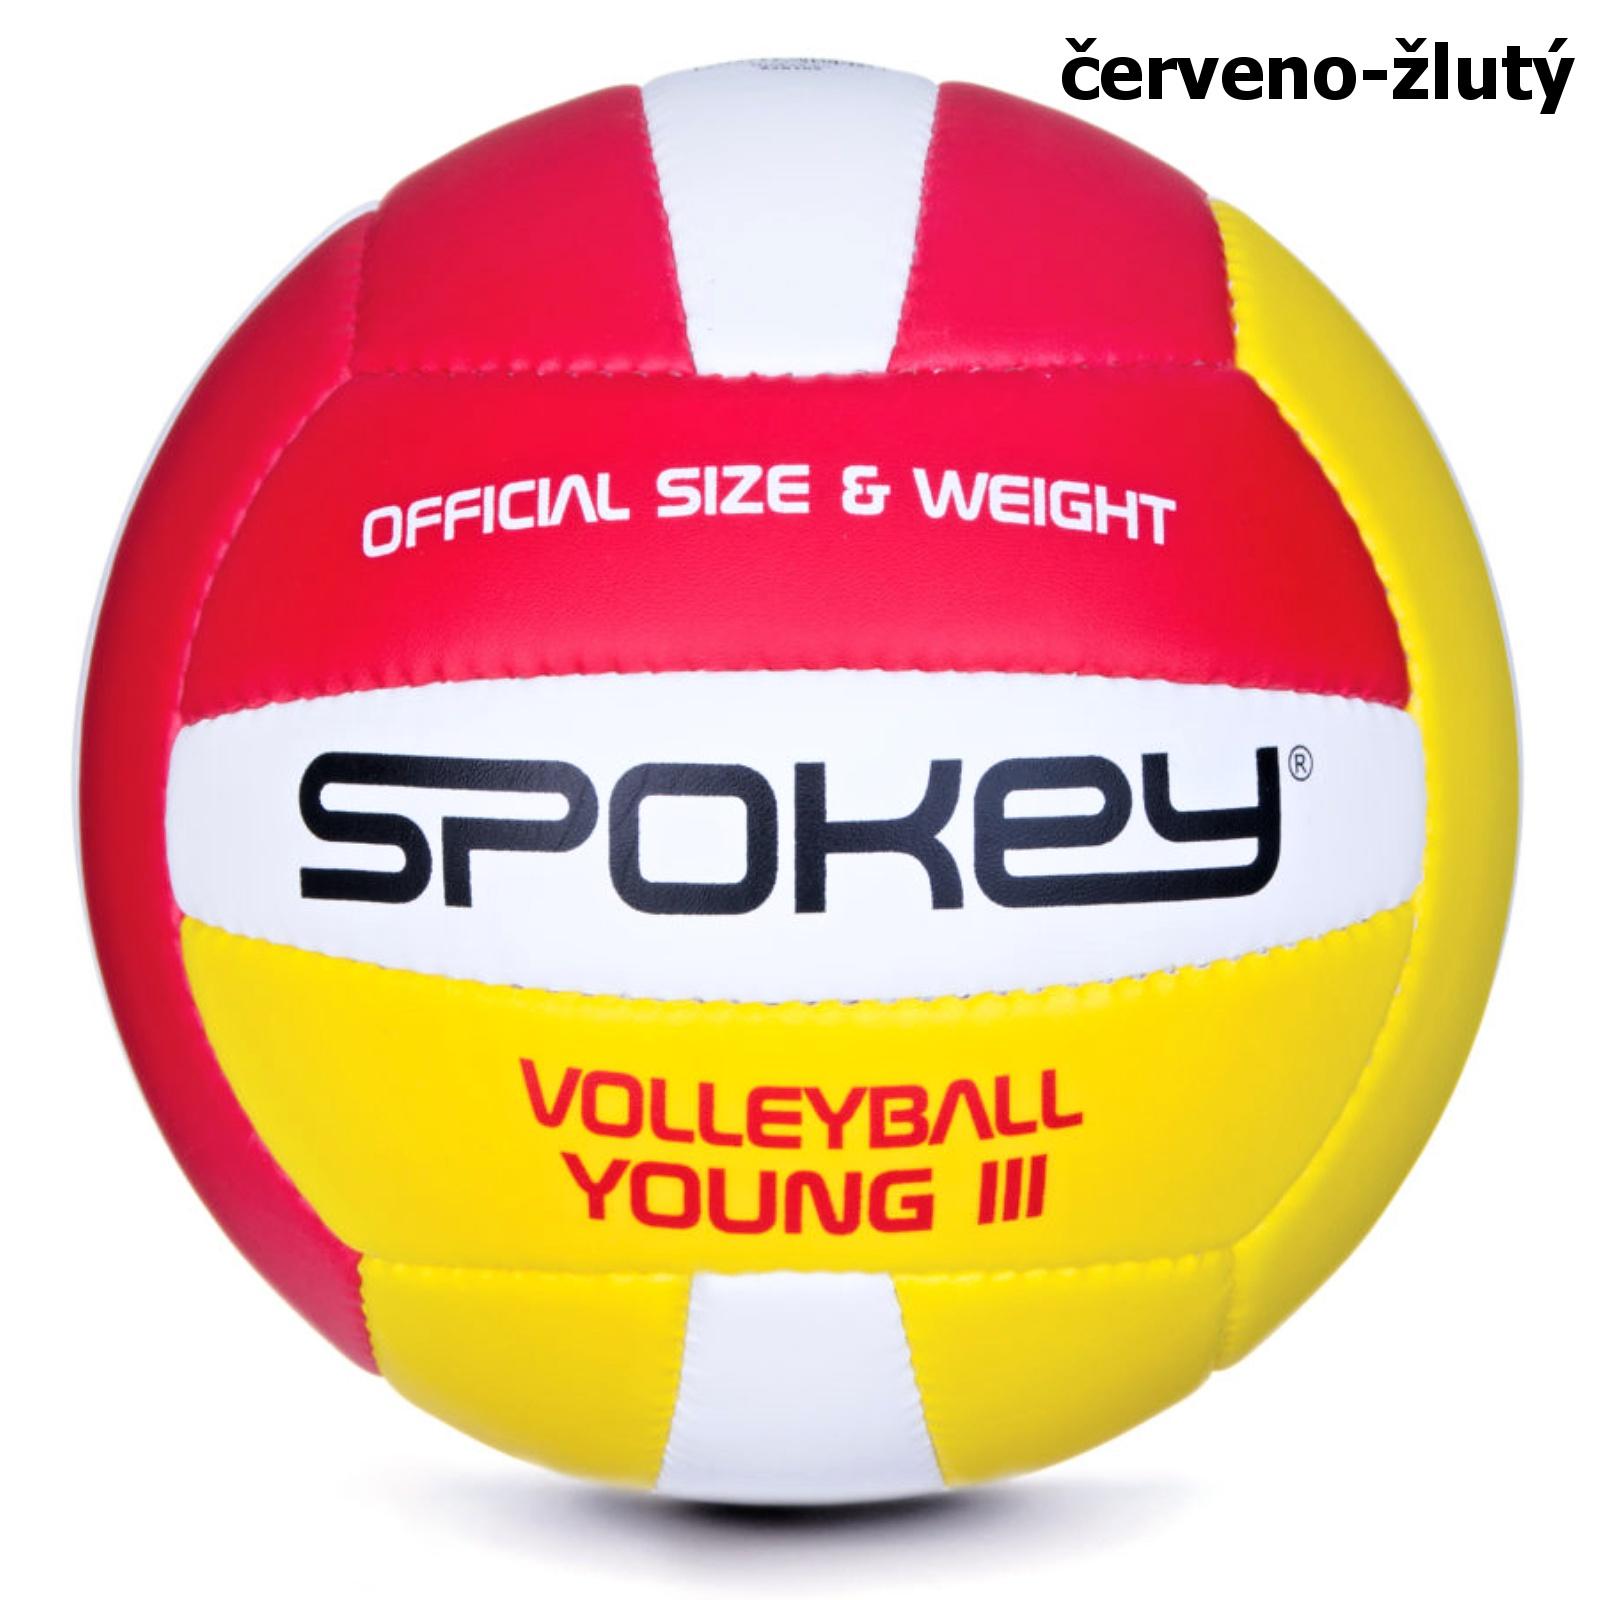 Volejbalový míč SPOKEY Young III červeno-žlutý